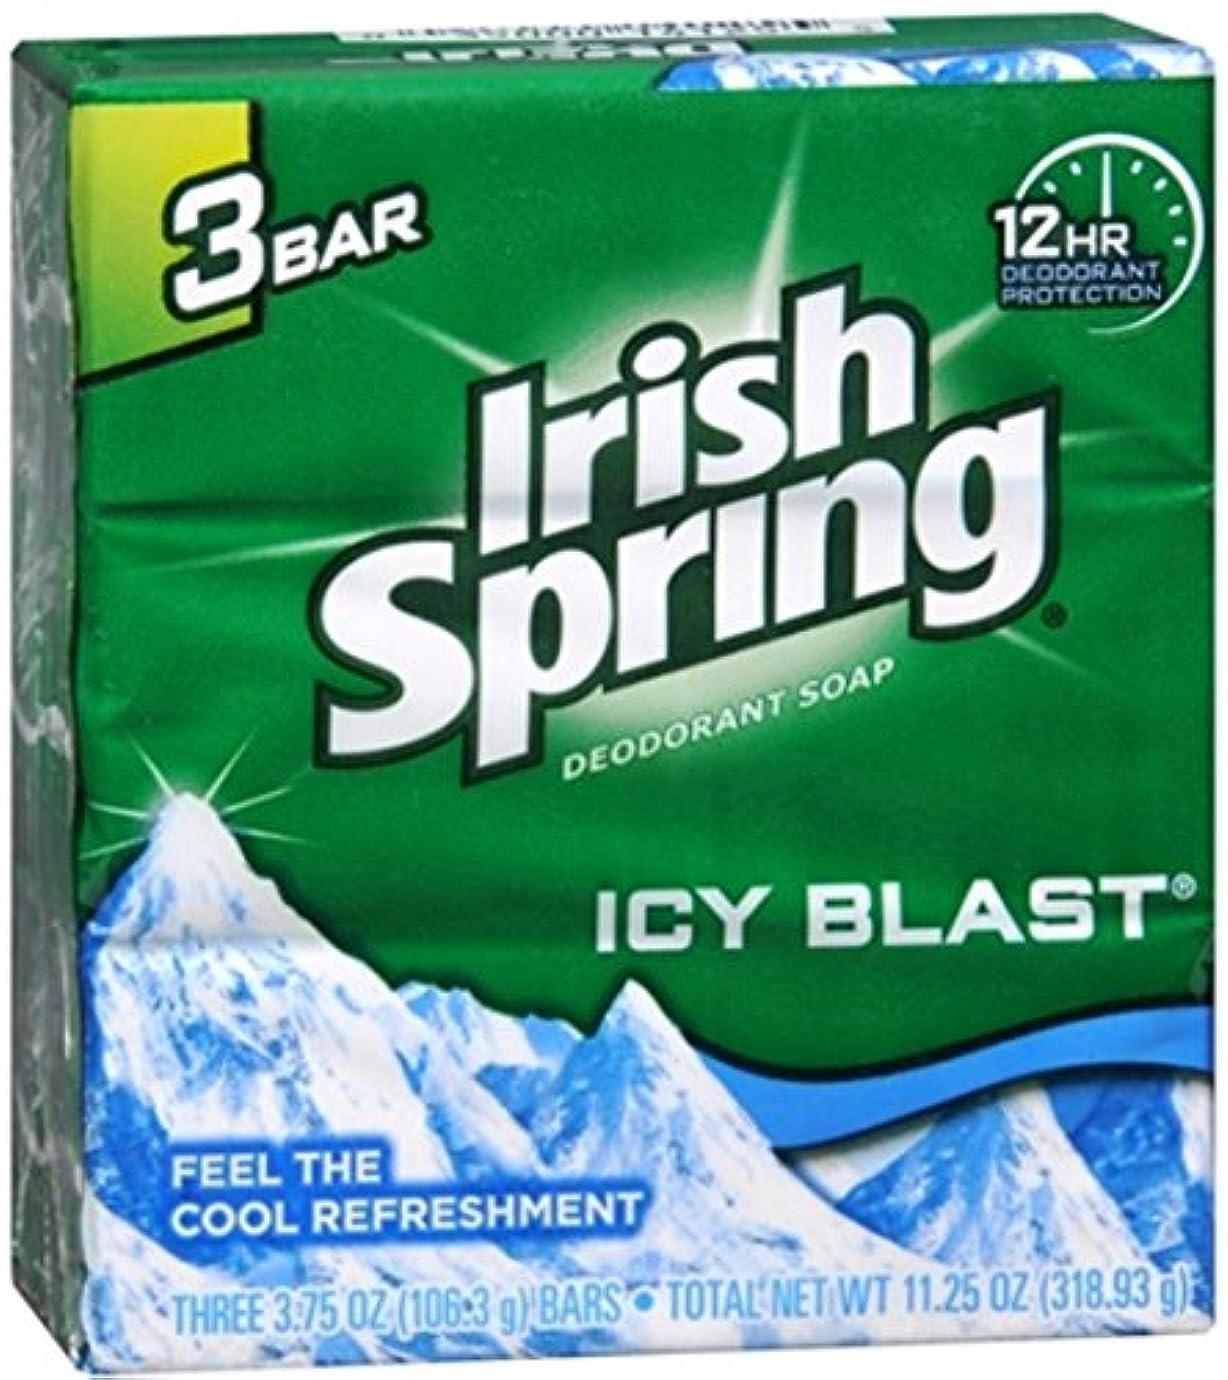 蛇行放出飛び込むIrish Spring デオドラント石鹸、アイシーブラスト、3.75オズバー、3 Eaは(2パック) 2パック